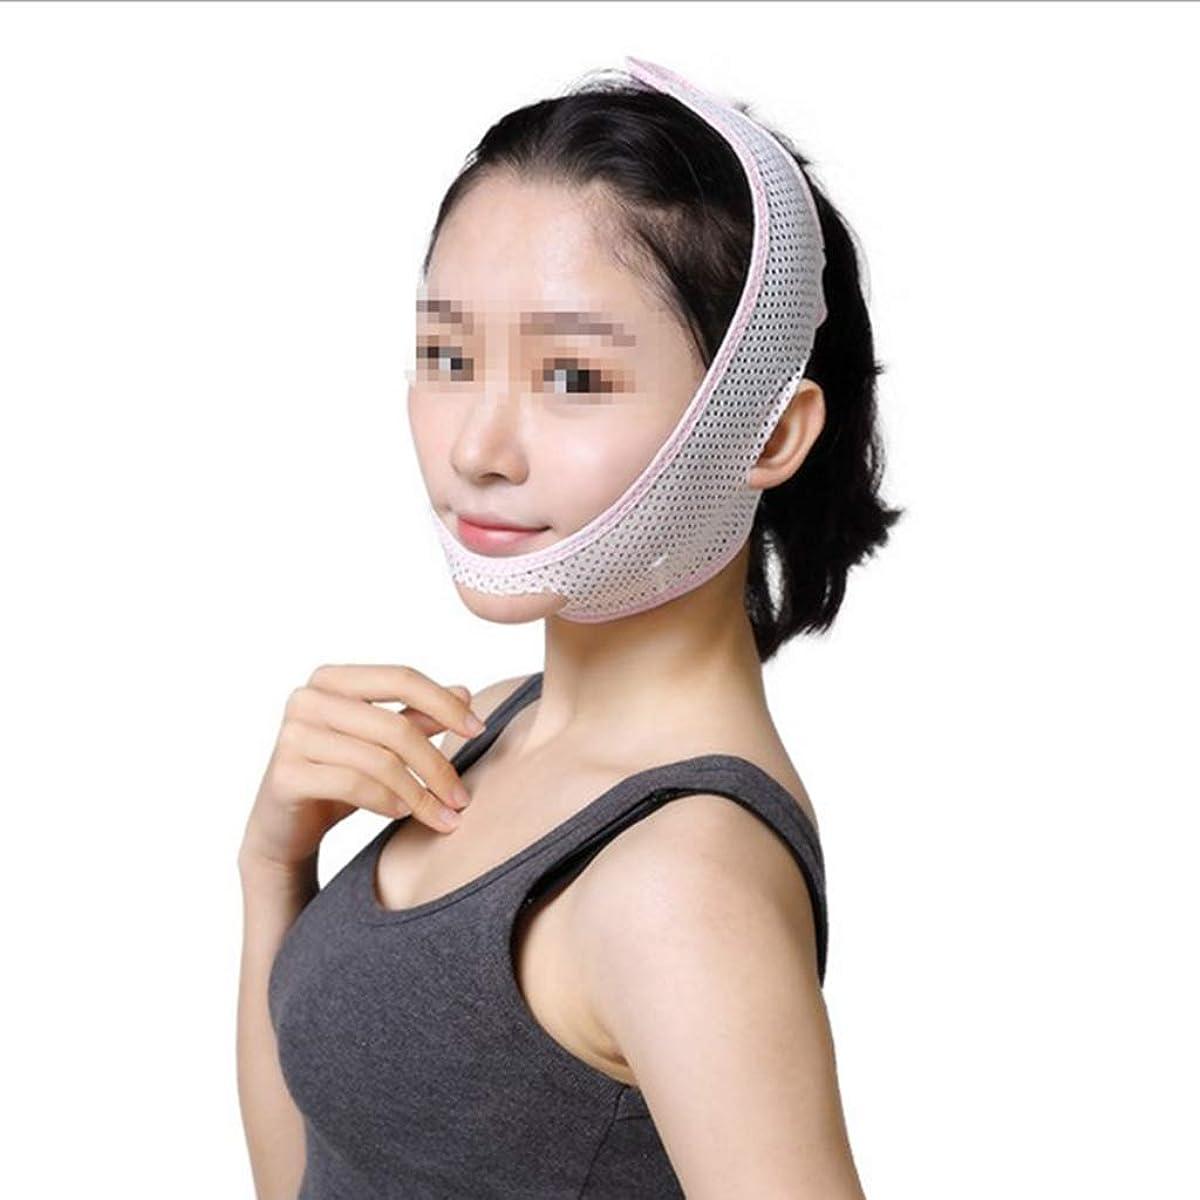 許容流星ローズXHLMRMJ 超薄型通気性フェイスマスク、包帯Vフェイスマスクフェイスリフティングファーミングダブルチンシンフェイスベルト (Size : M)